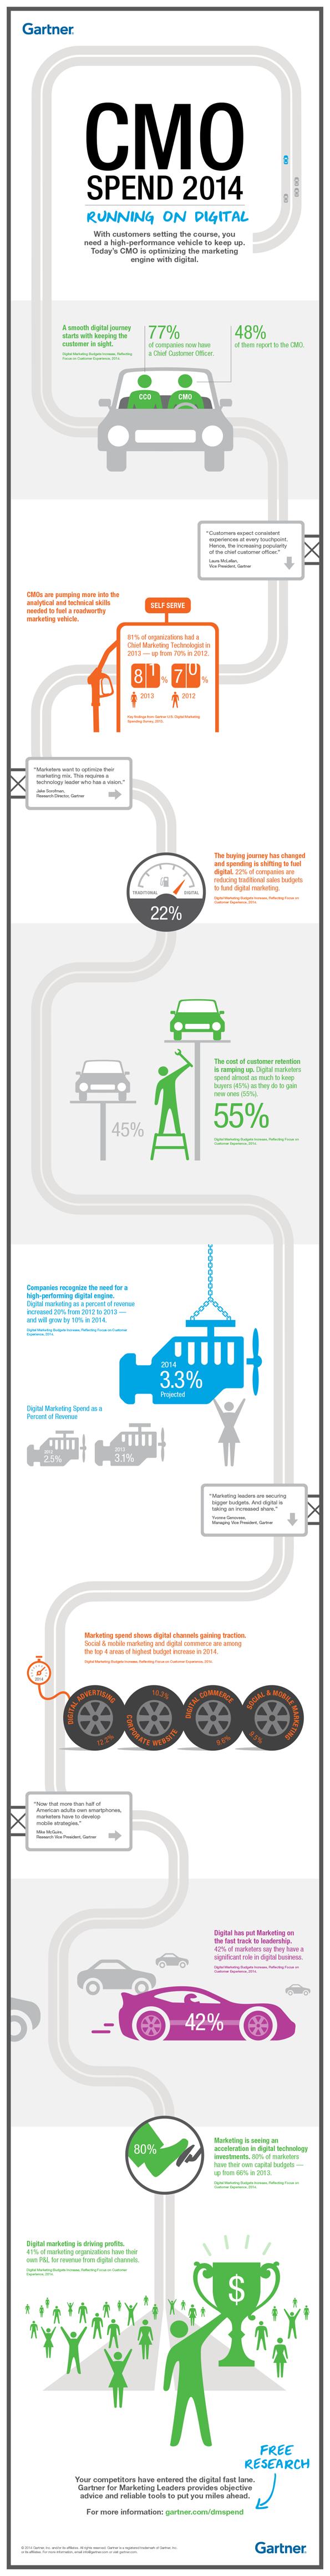 CMO Spend 2014: Running on Digital (Gartner Infographic)